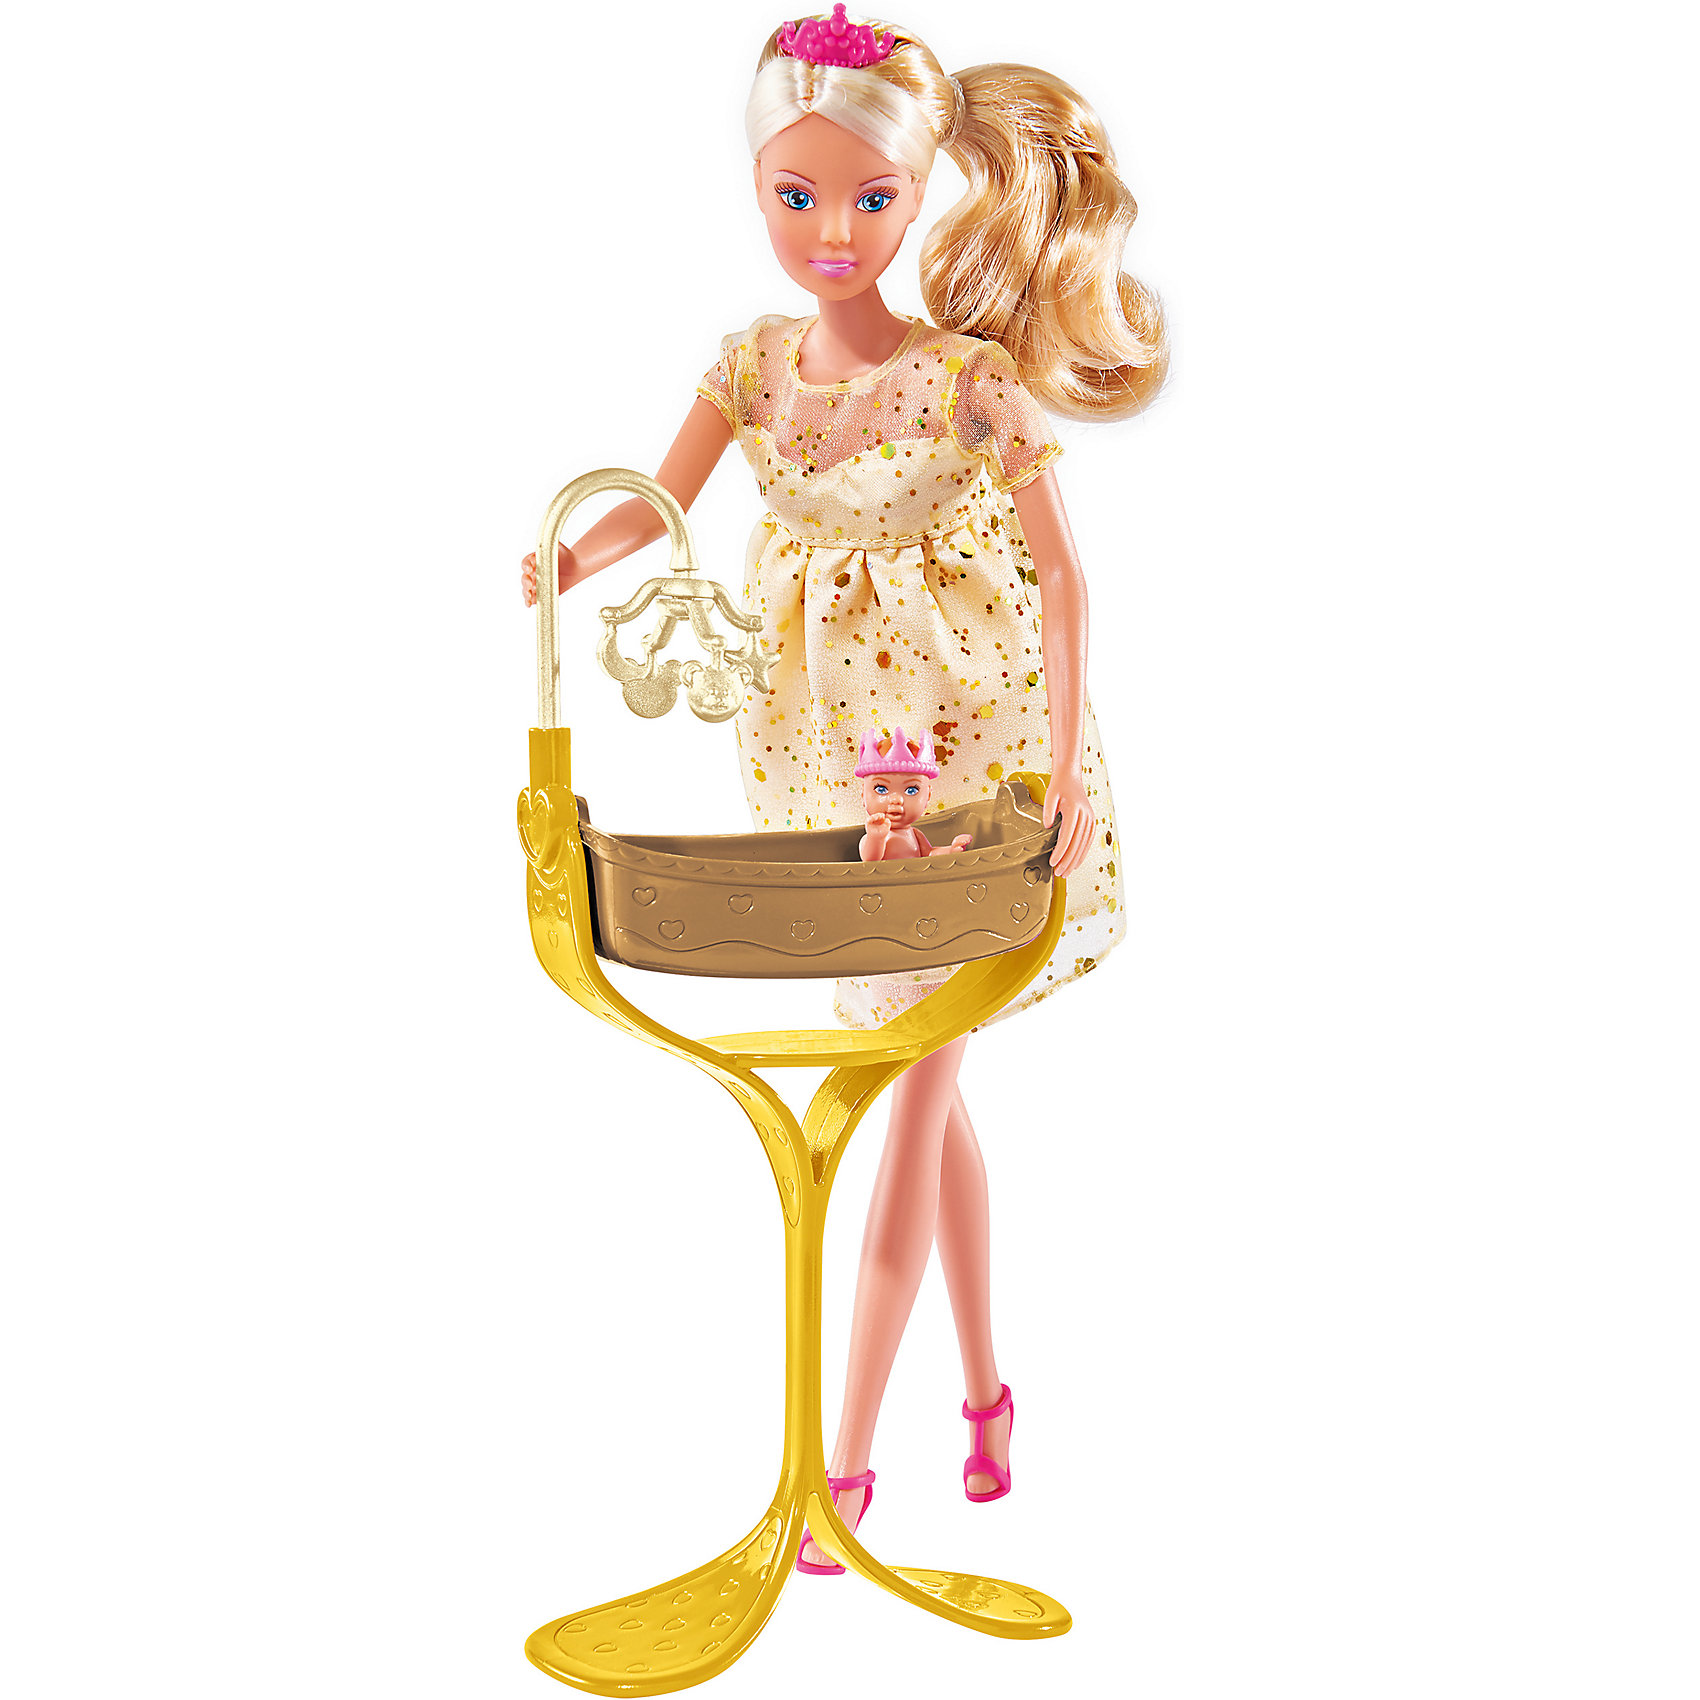 Кукла Штеффи беременная, 29 см, SimbaКуклы<br>Характеристики товара:<br><br>- цвет: разноцветный;<br>- материал: пластик;<br>- возраст: от трех лет;<br>- комплектация: кукла, аксессуары, пупс;<br>- высота куклы: 29 см.<br><br>Эта симпатичная кукла Штеффи от известного бренда не оставит девочку равнодушной! Какая девочка сможет отказаться поиграть с куклами, которые дополнены набором в виде ребенка и предметов для него?! В набор входят аксессуары для игр с куклой. Игрушка очень качественно выполнена, поэтому она станет замечательным подарком ребенку. <br>Продается набор в красивой удобной упаковке. Изделие произведено из высококачественного материала, безопасного для детей.<br><br>Куклу Штеффи беременная от бренда Simba можно купить в нашем интернет-магазине.<br><br>Ширина мм: 333<br>Глубина мм: 182<br>Высота мм: 66<br>Вес г: 305<br>Возраст от месяцев: 36<br>Возраст до месяцев: 72<br>Пол: Женский<br>Возраст: Детский<br>SKU: 5104806